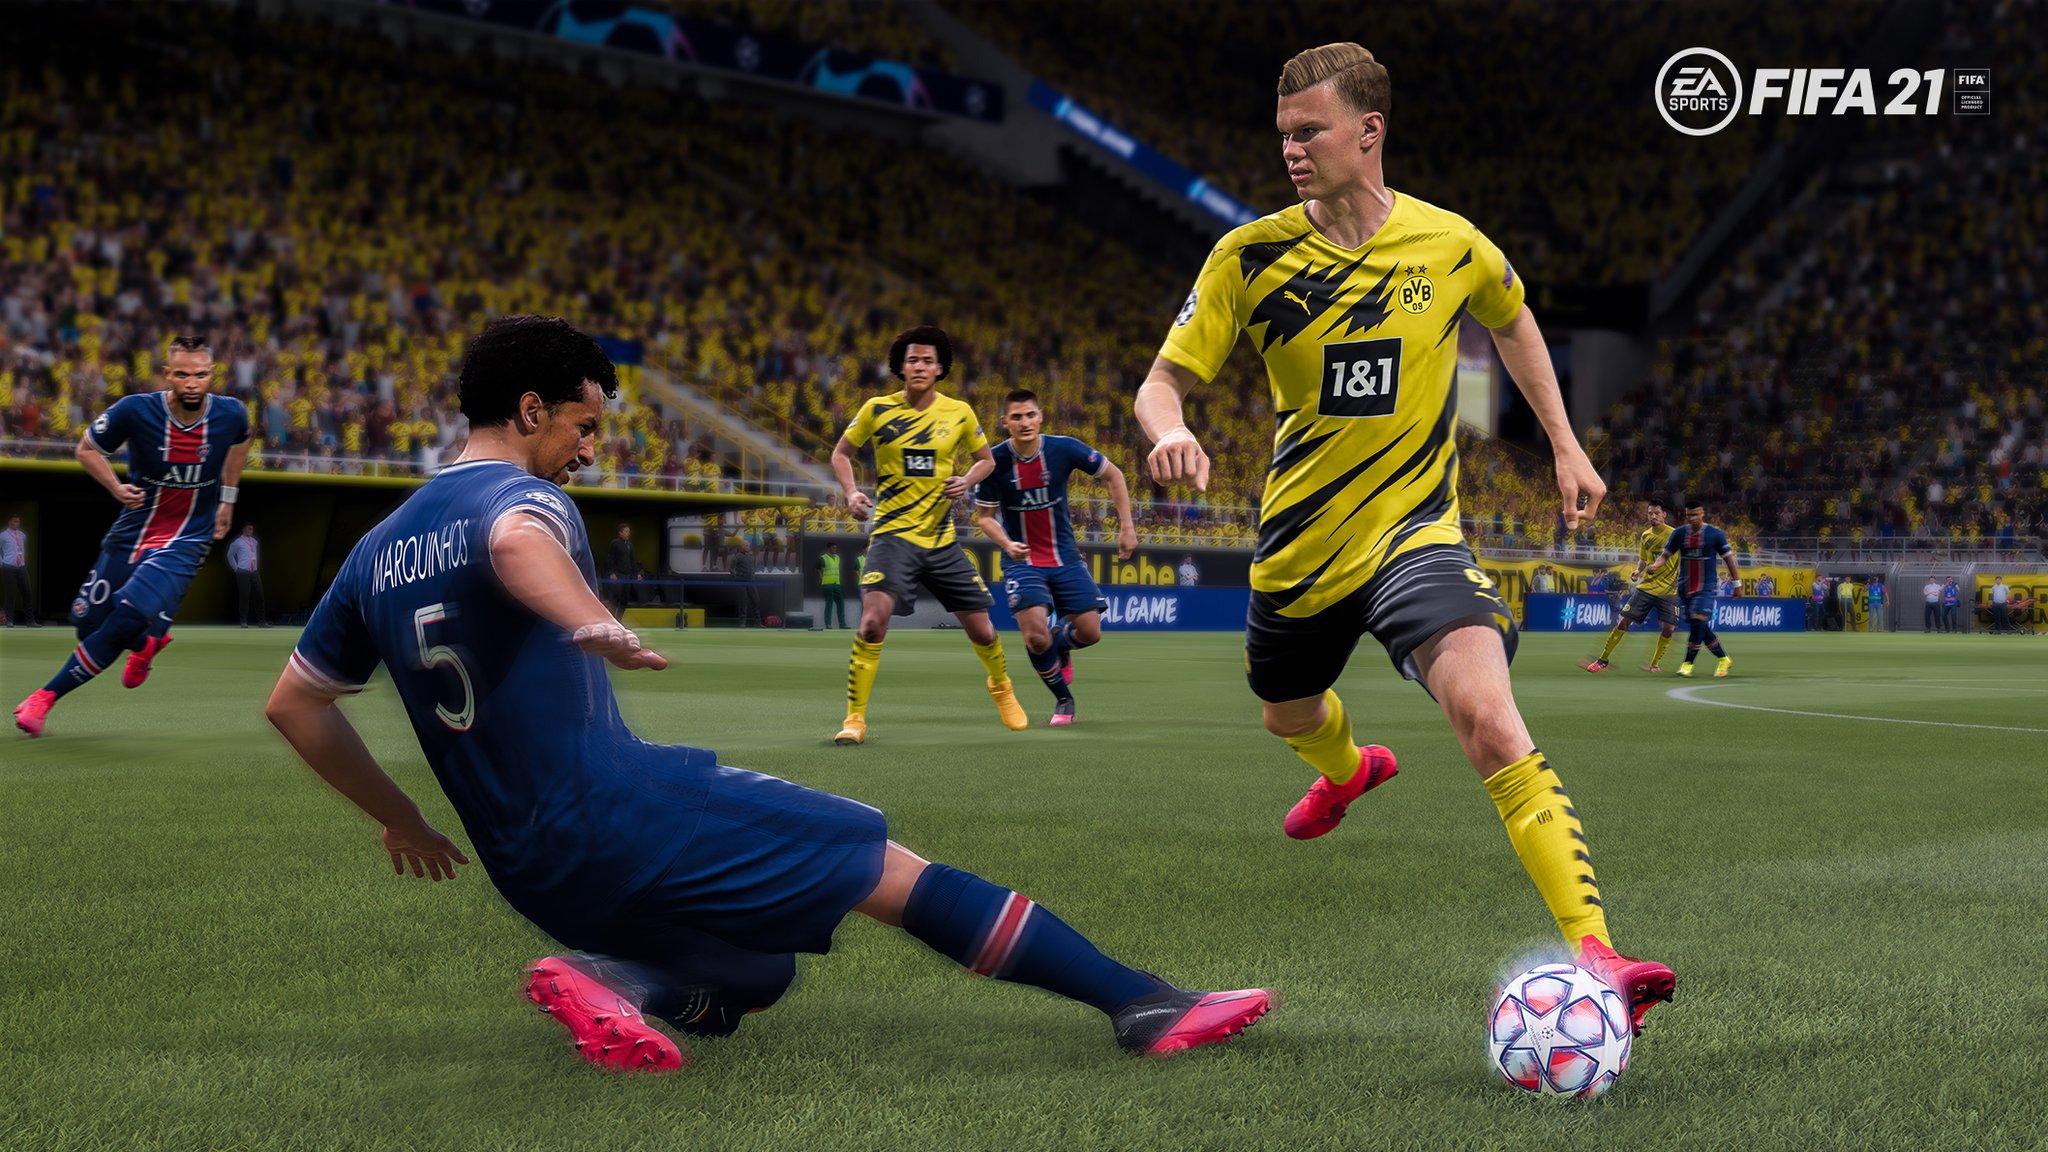 """EA FIFA France on Twitter: """"📜Plus de détails sur les  nouveautés/spécificités du nouveau Gameplay #FIFA21 via ce Pitch Note😉!  Toutes les infos ➡ https://t.co/E7T8FHiEFz… https://t.co/K2jO6icXQB"""""""